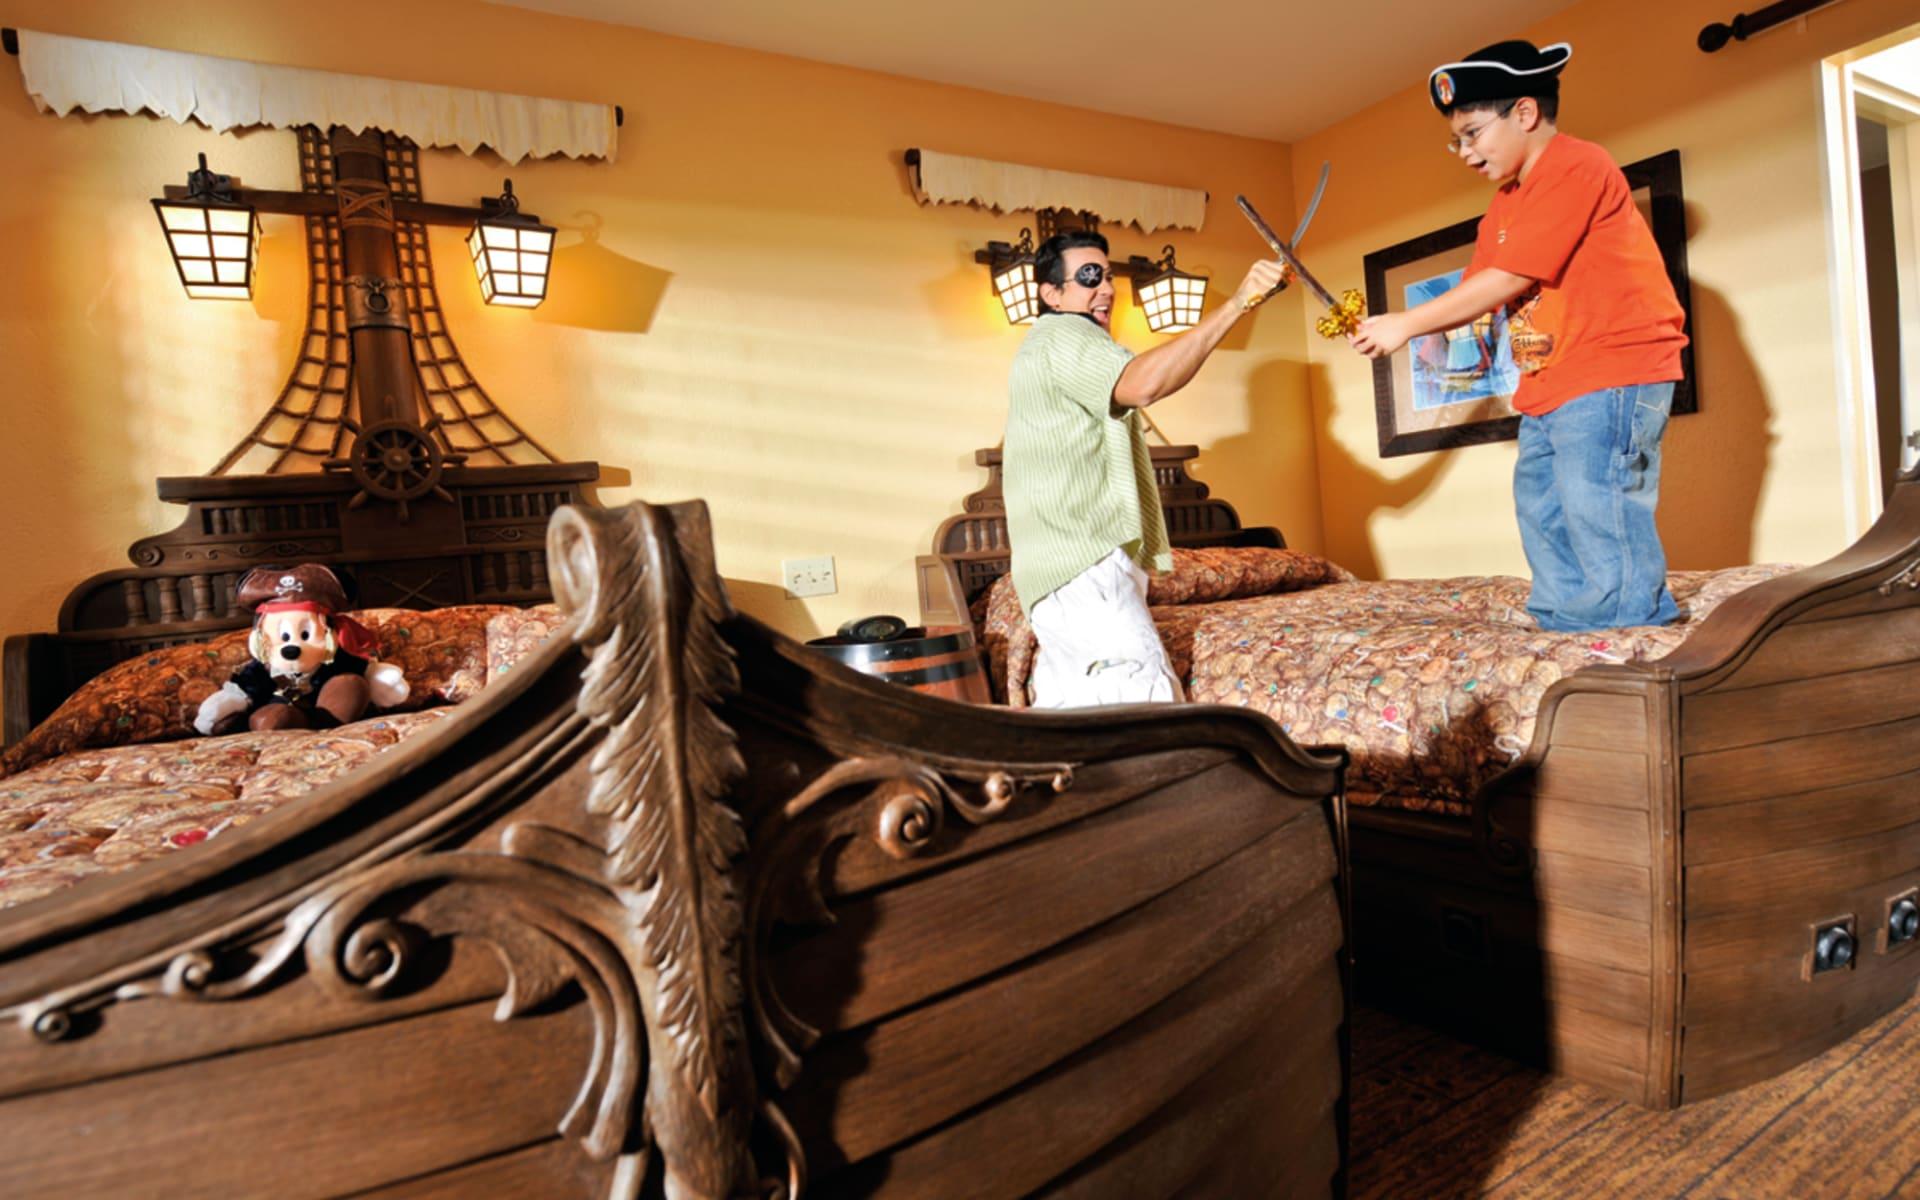 Disney's Caribbean Beach Resort in Lake Buena Vista: zimmer disneys caribbean beach resort doppelzimmer